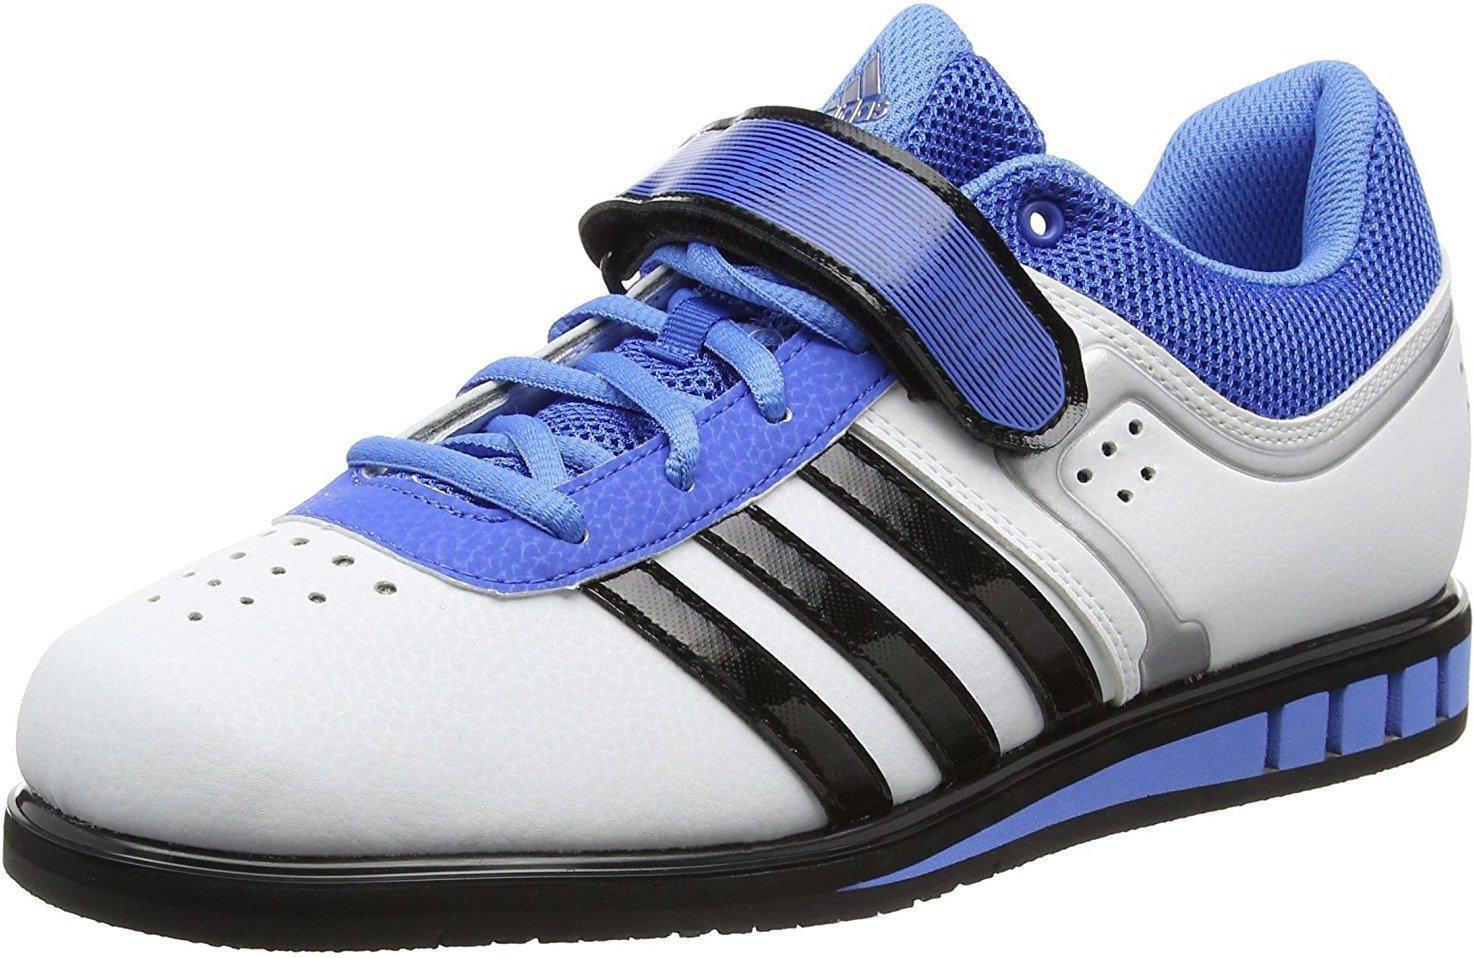 new style 75004 066b1 Adidas Powerlift 2 günstig online ab 29,06 € bestellen✓